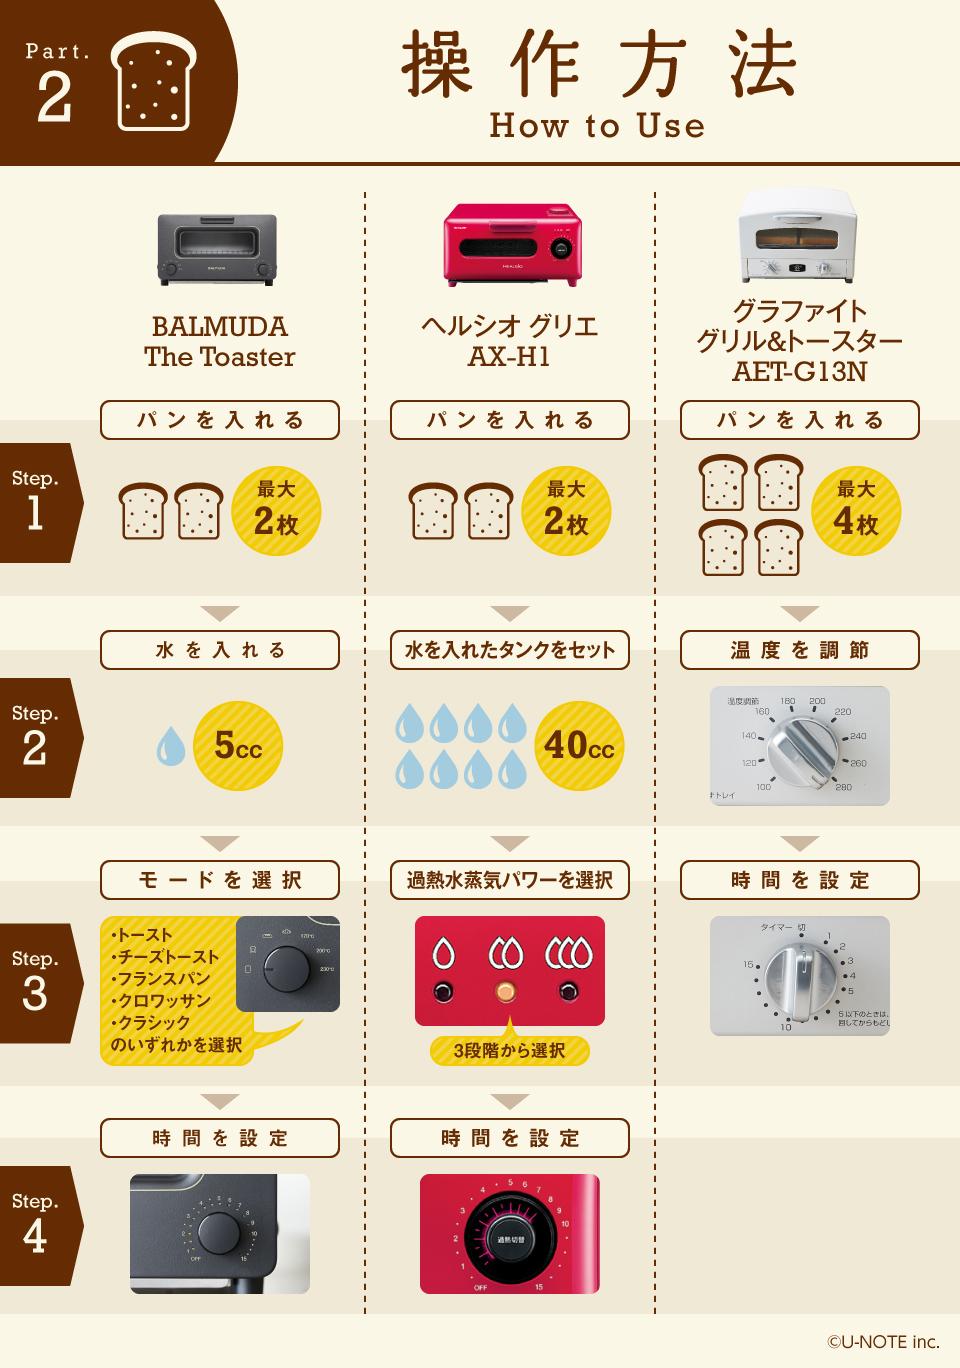 インフォグラフィックで丸わかり! 話題のシロモノ家電徹底研究【トースター編】 6番目の画像